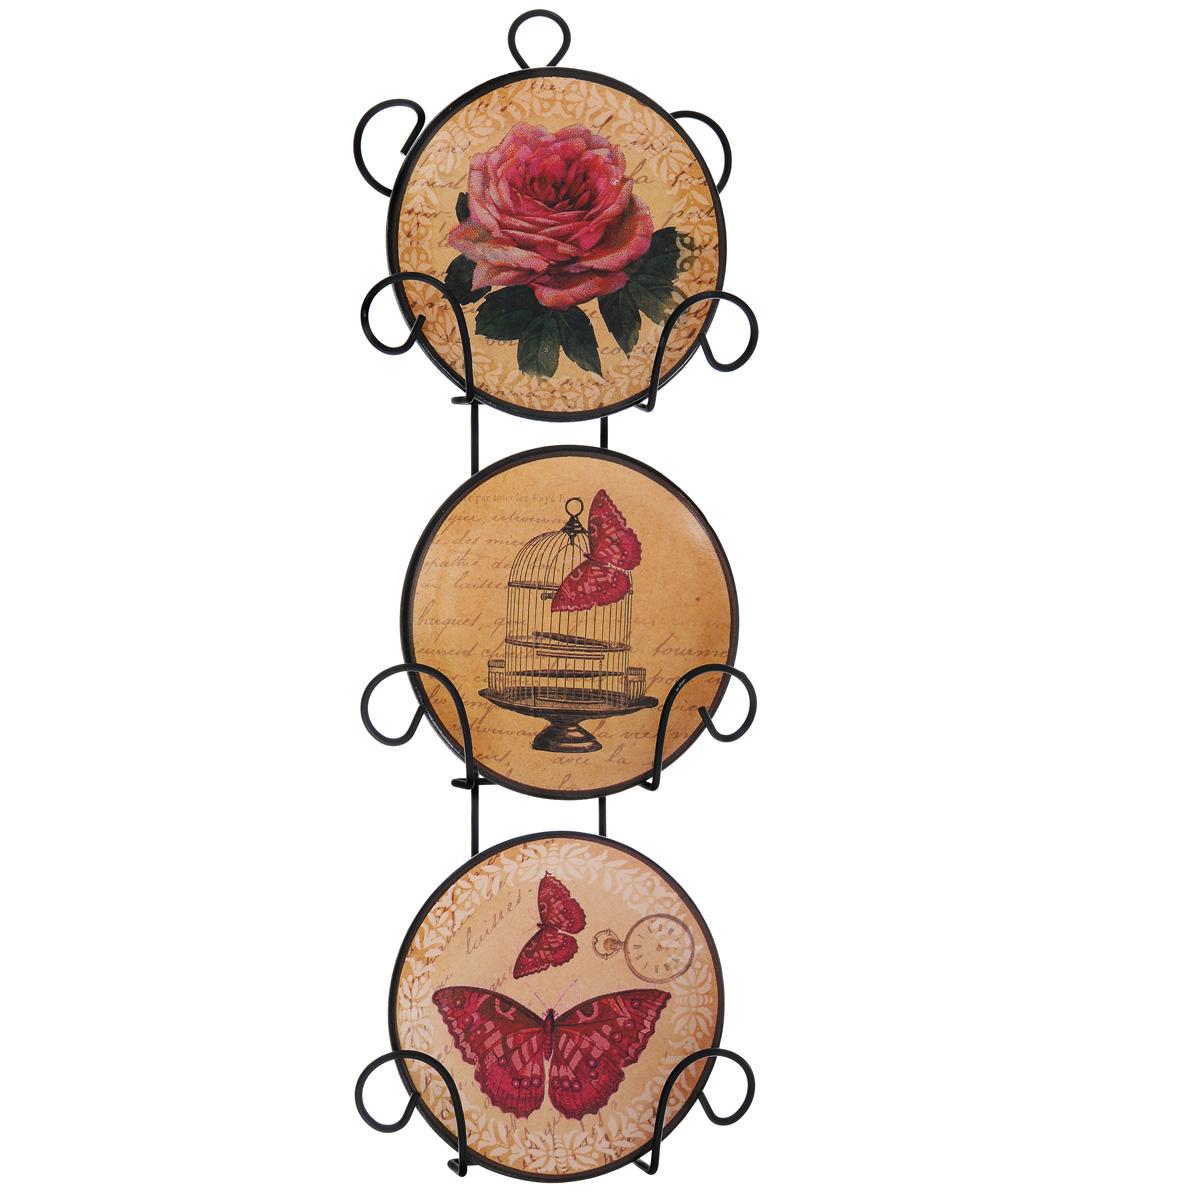 Набор декоративных тарелок Бабочки, диаметр 10 см, 3 шт36256Набор из трех декоративных тарелок с ярким рисунком украсят практически любое ваше помещение, будь то кухня, столовая, гостиная, холл и будут являться необычным дизайнерским решением. Тарелки выполнены из доломитовой керамики, подставка в виде вертикальной этажерки,благодаря которой сувенир удобно и быстро крепится к стене, - из черного металла. Каждая тарелочка, декорированная изображениями розы, клетки и бабочек, помещается в отдельную нишу. Очаровательный набор декоративных тарелок - замечательный подарок друзьям и близким людям. Размер тарелки (без подставки): 10 см х 10 см х 1,5 см. Размер сувенира с подставкой: 2,5 см х 11,5 см х 33 см.